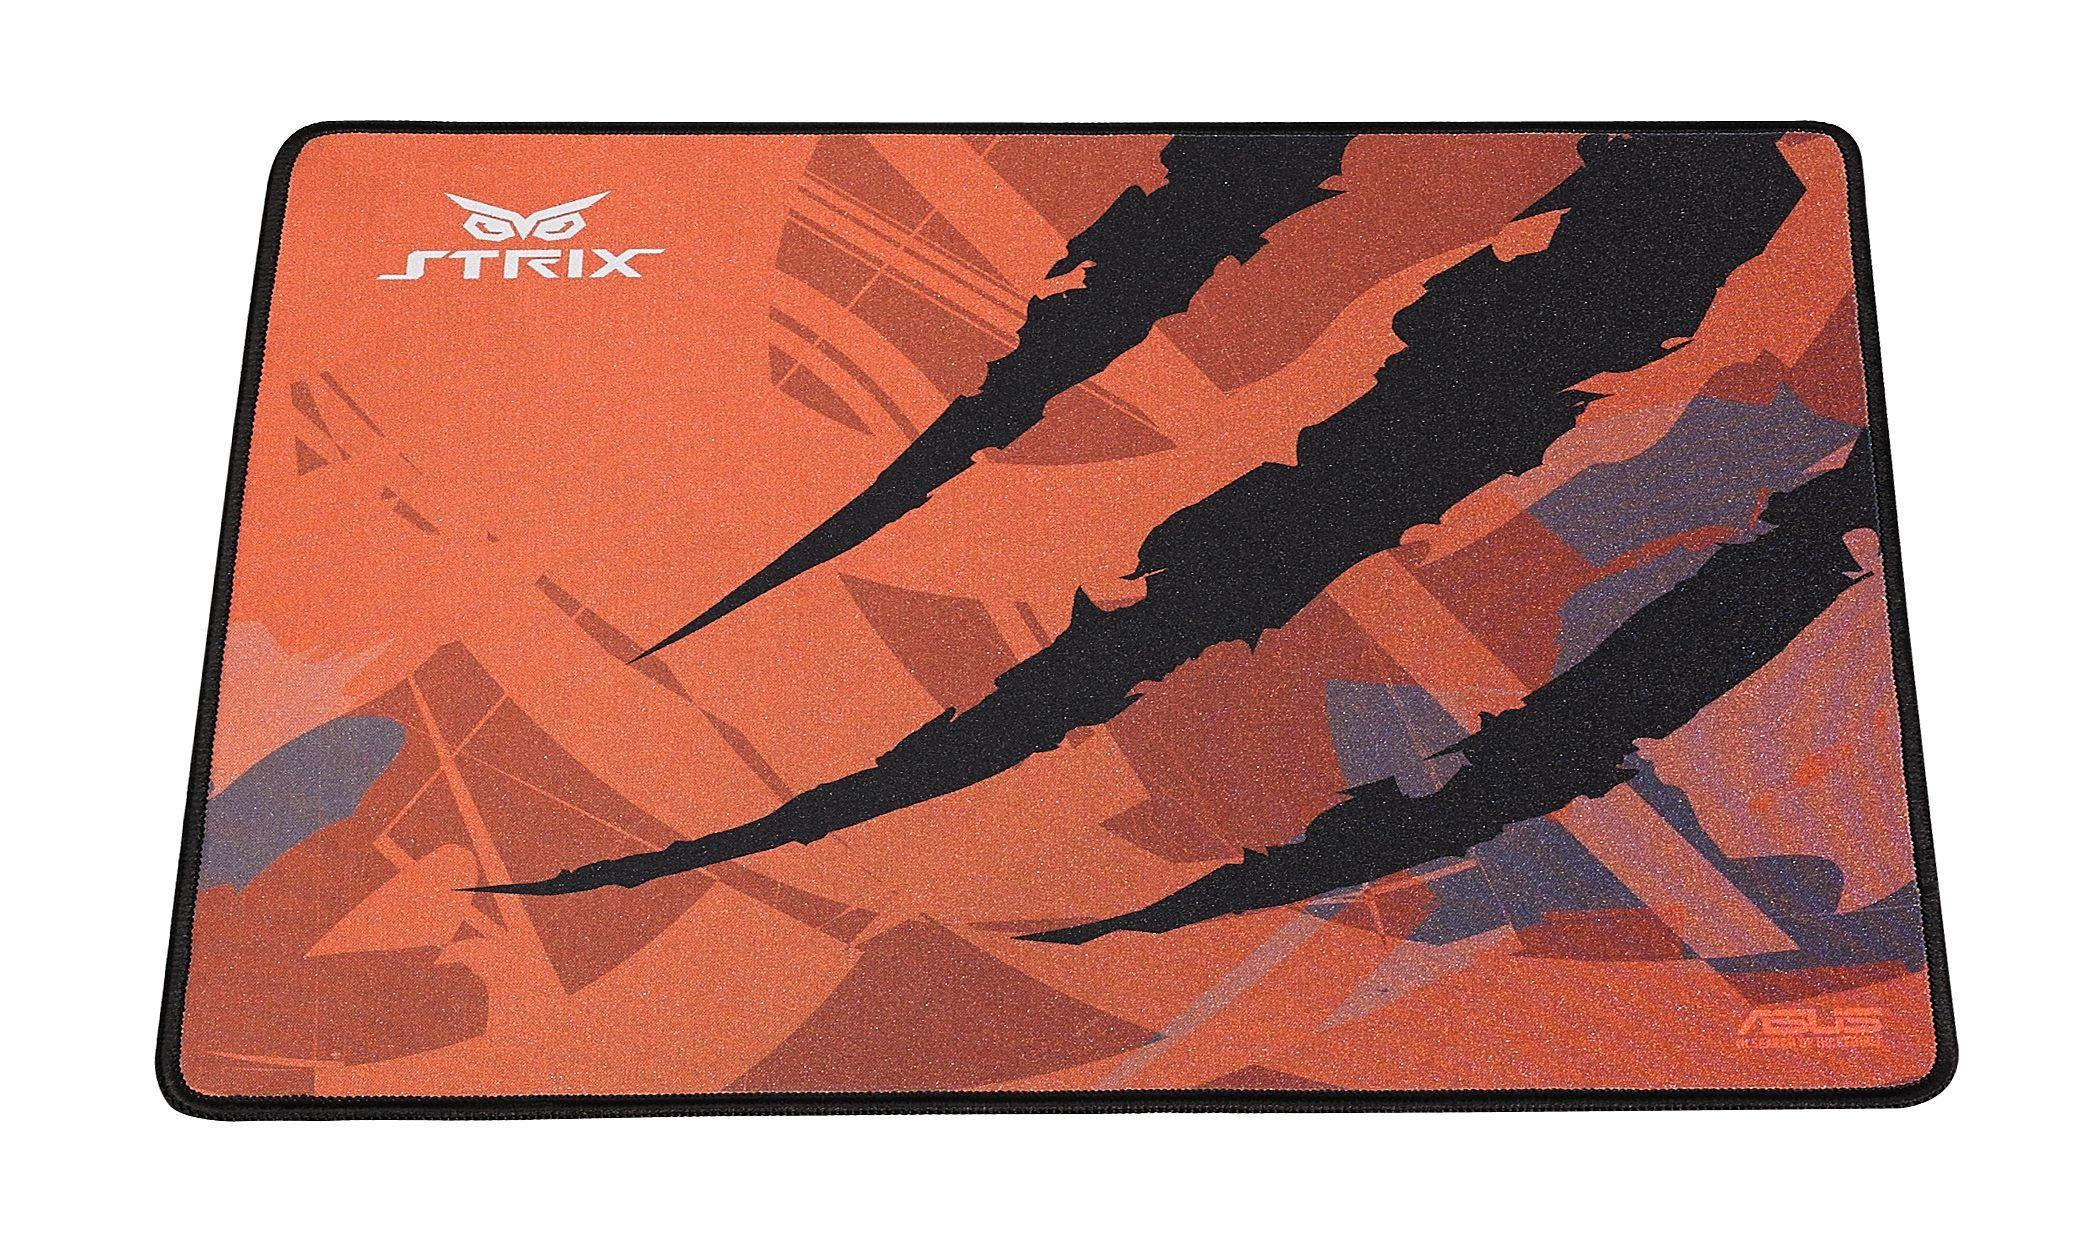 ASUS Gaming Mauspad Strix Glide Speed »Strix Glide Speed Mauspad«